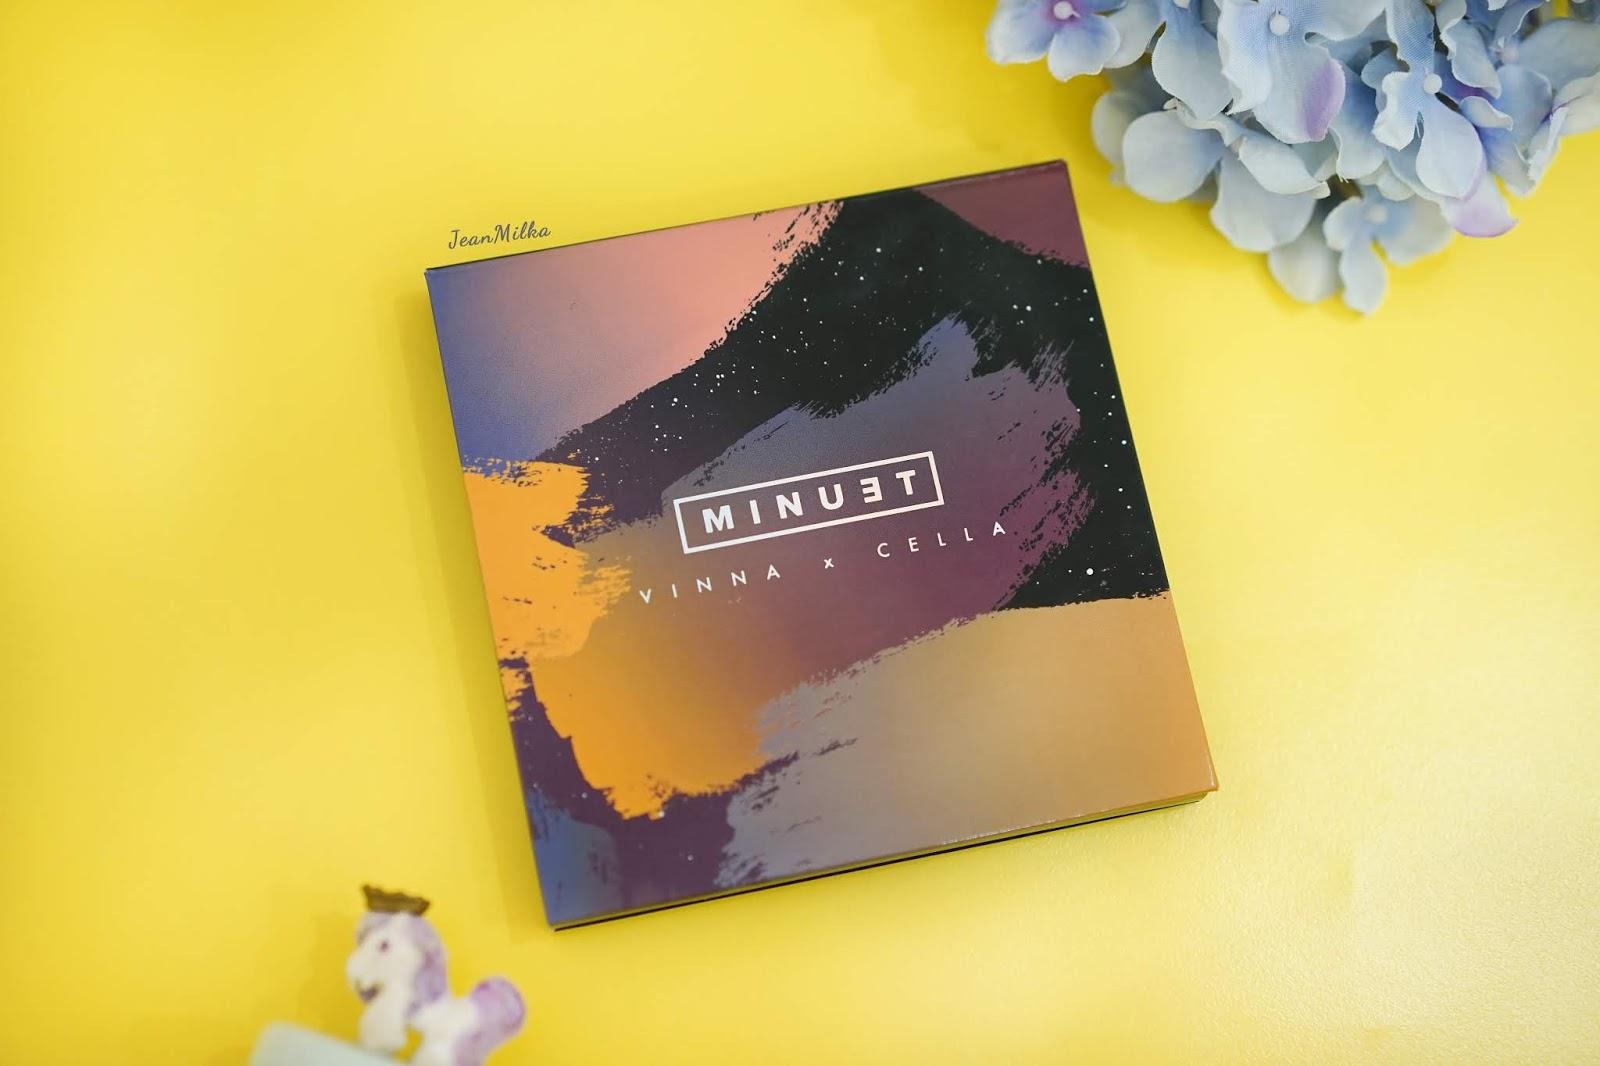 minuet, minuet palette, vinna gracia, cindercella, makeup indonesia, makeup product, review, review minuet palette